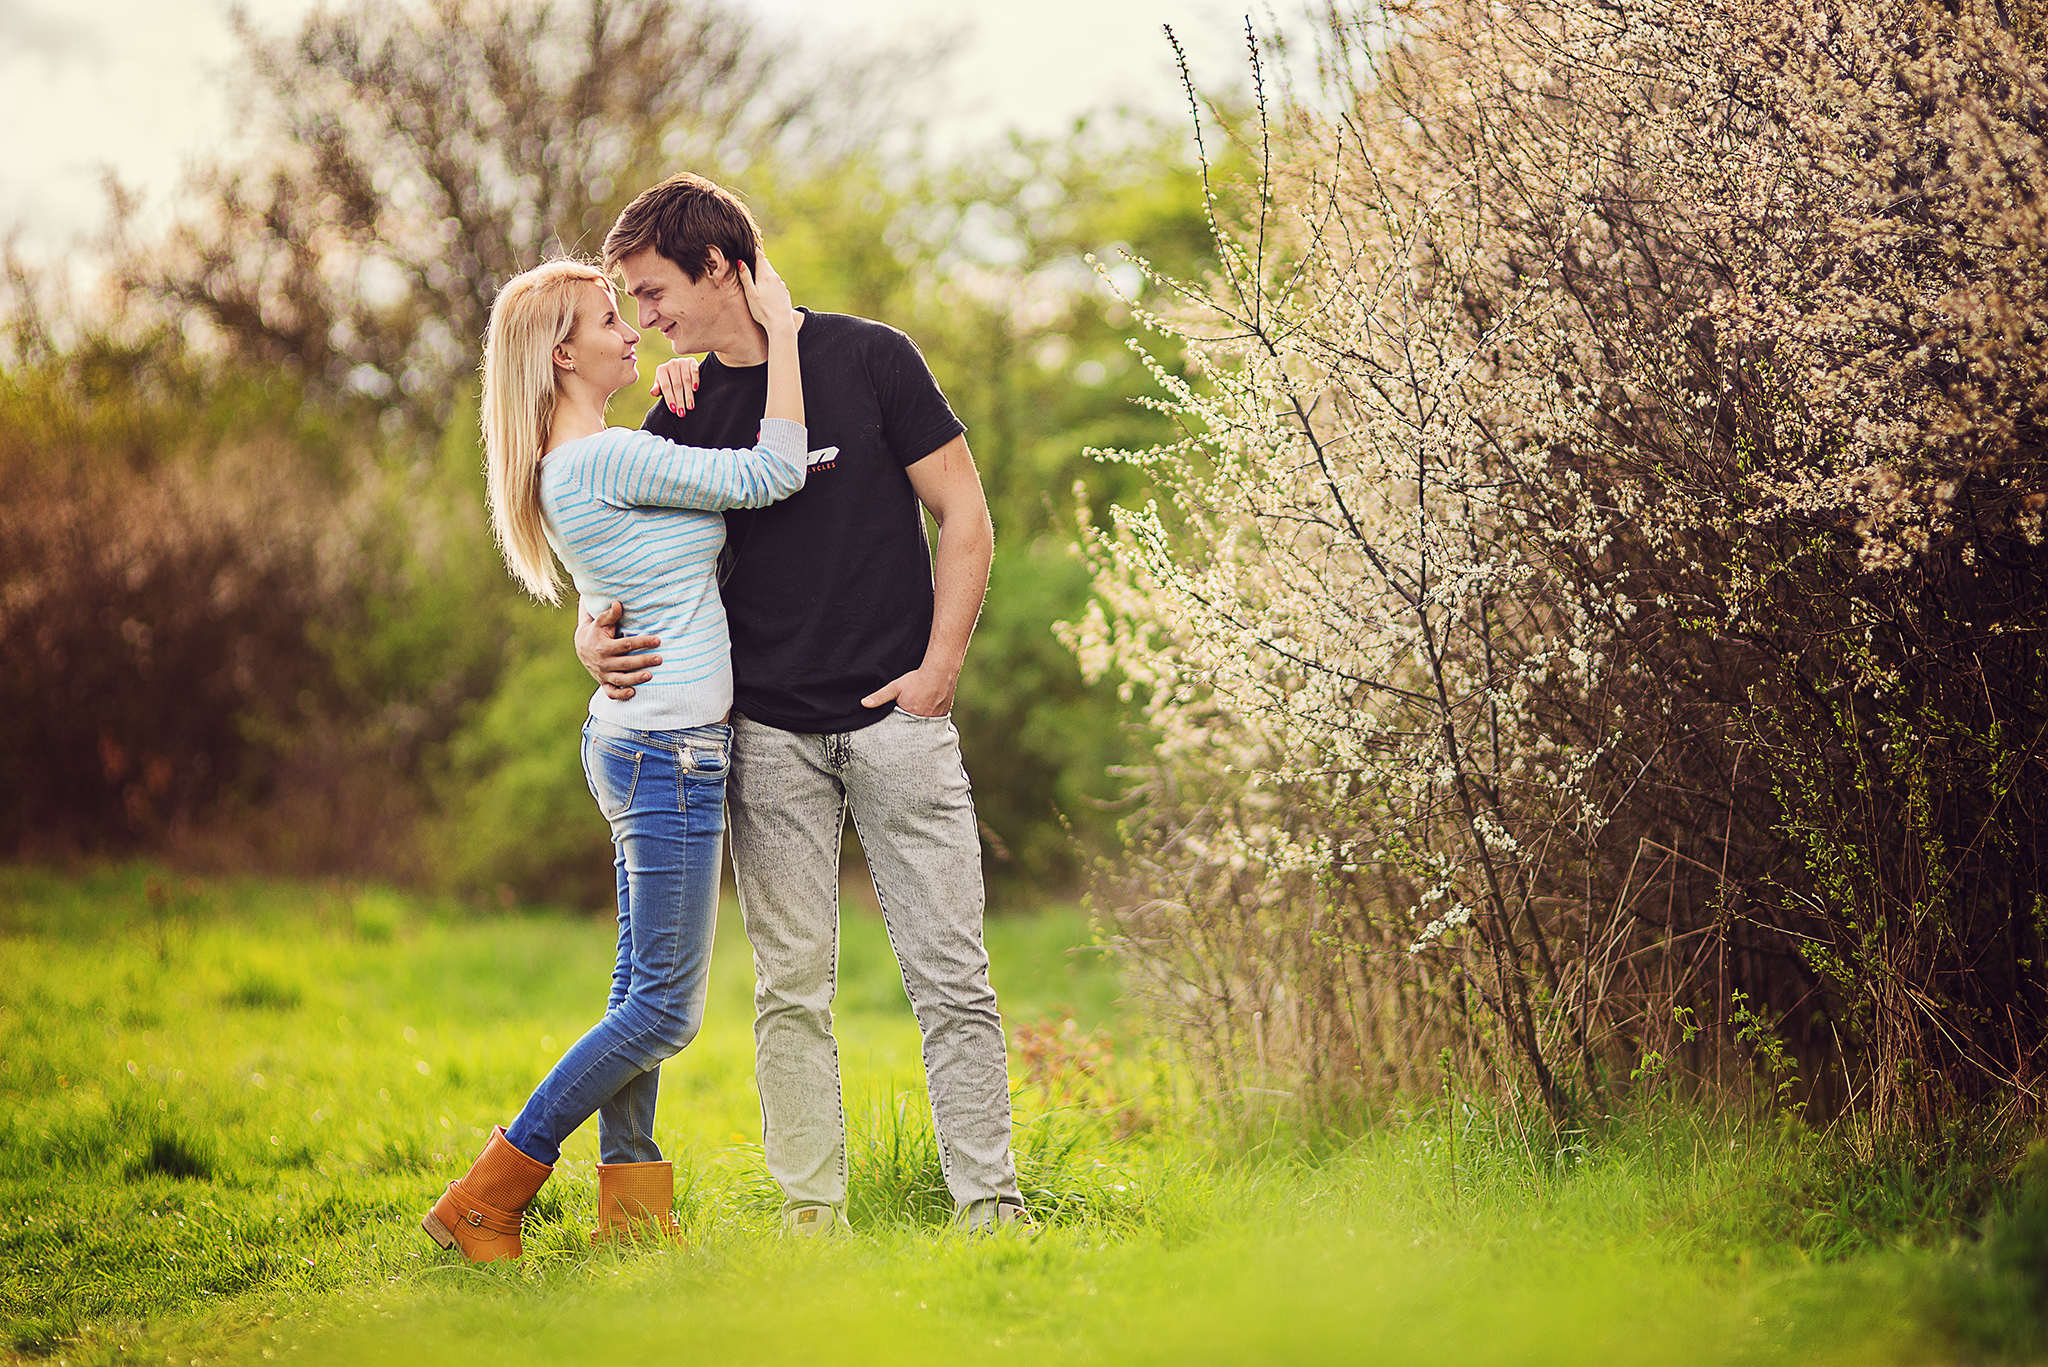 láska, príroda, love, romantika, úsmev, smile, radosť, zamilovaný pár, jar, kvety, spring